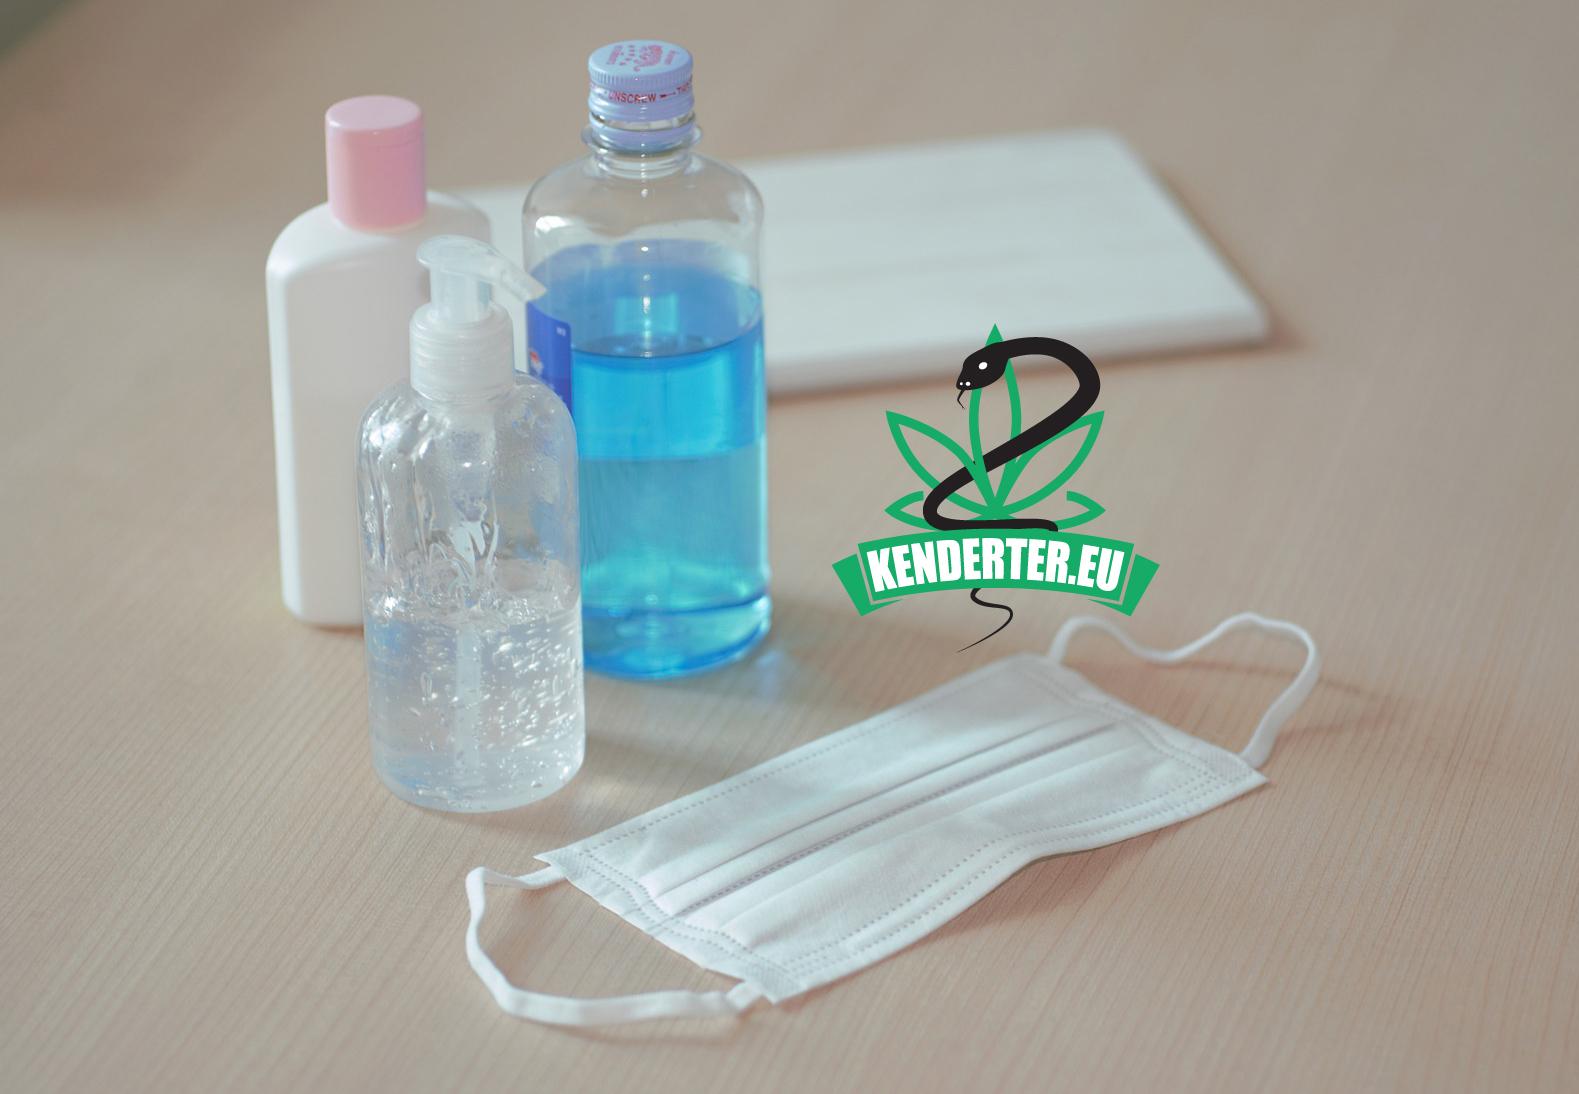 Kendertér - A kannabiszvállalatok maszkokkal, védőöltözetekkel és kézfertőtlenítőkkel járulnak hozzá a COVID-19 elleni küzdelemhez - kannabisz vedofelszereles